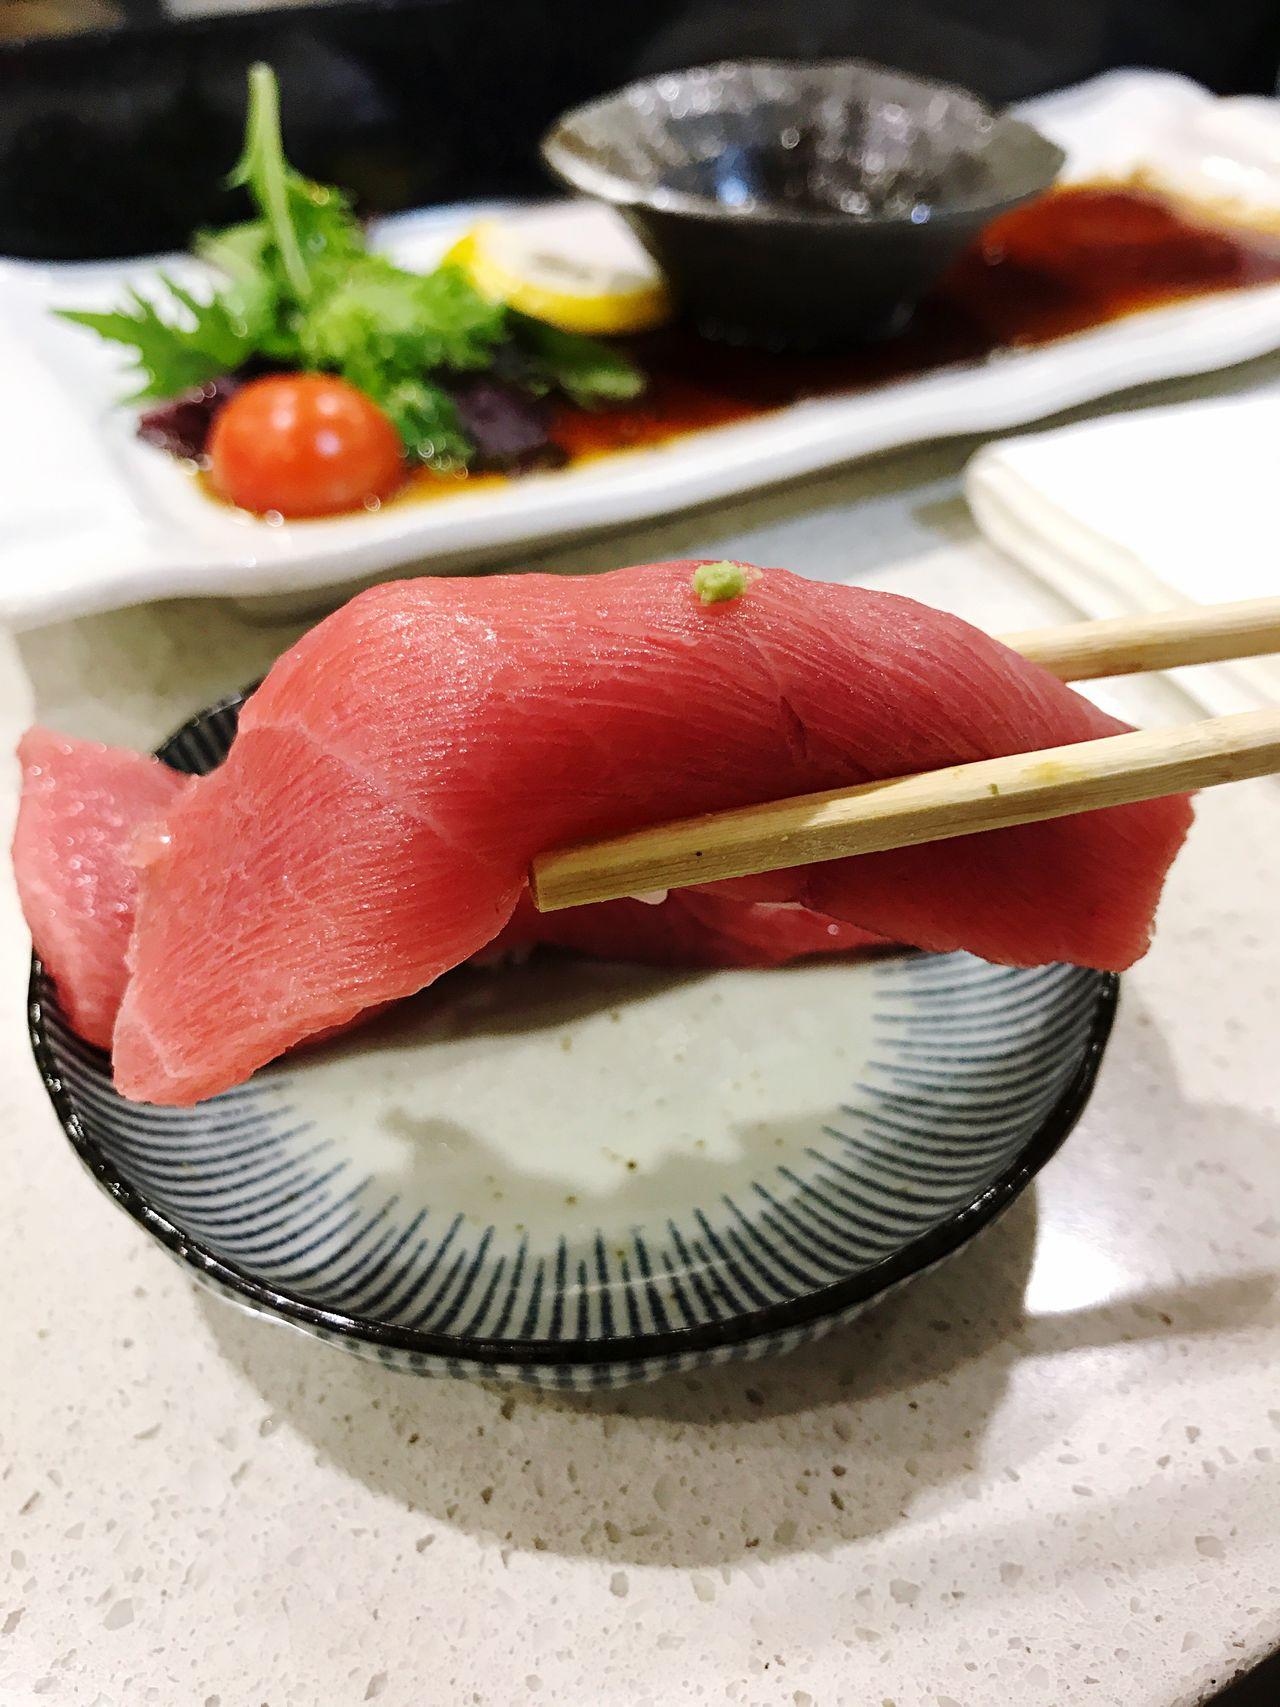 Blue Fin Tuna Sushi In My Mouf 😋